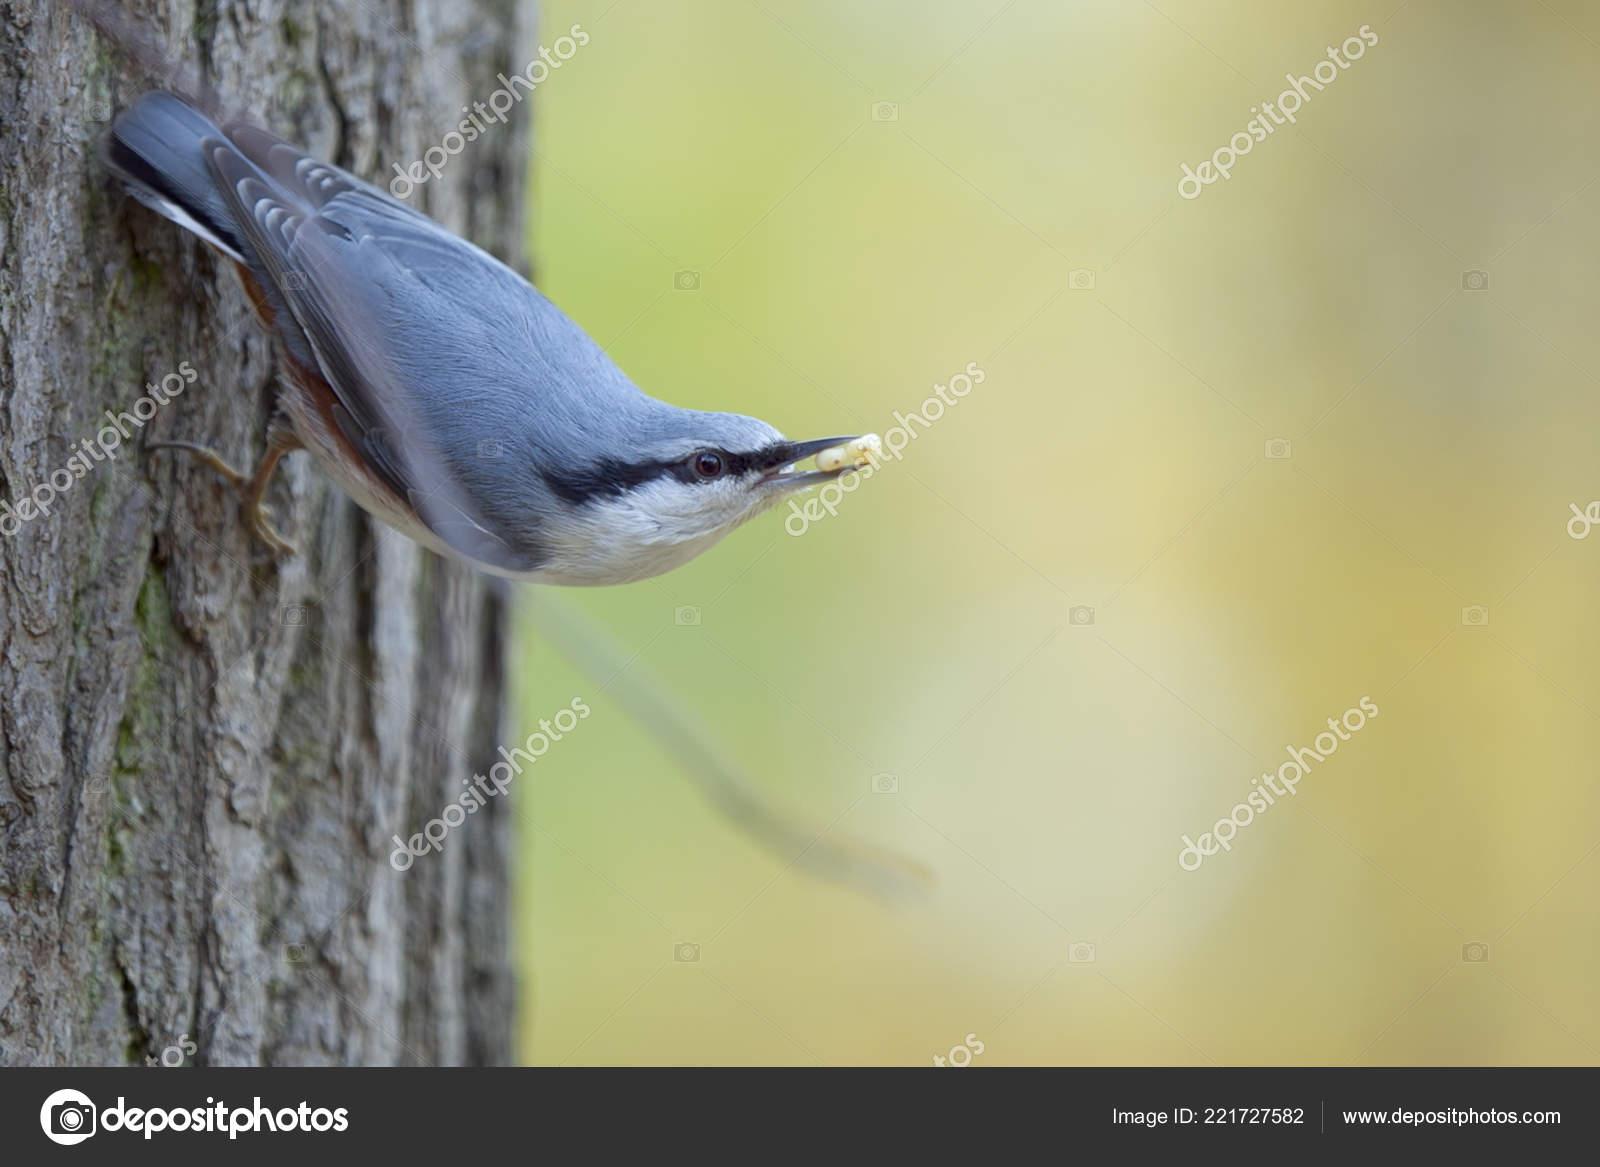 είναι το πουλί μου μεγάλο ή μικρό μαύρο λεσβίες σκατά με strapon